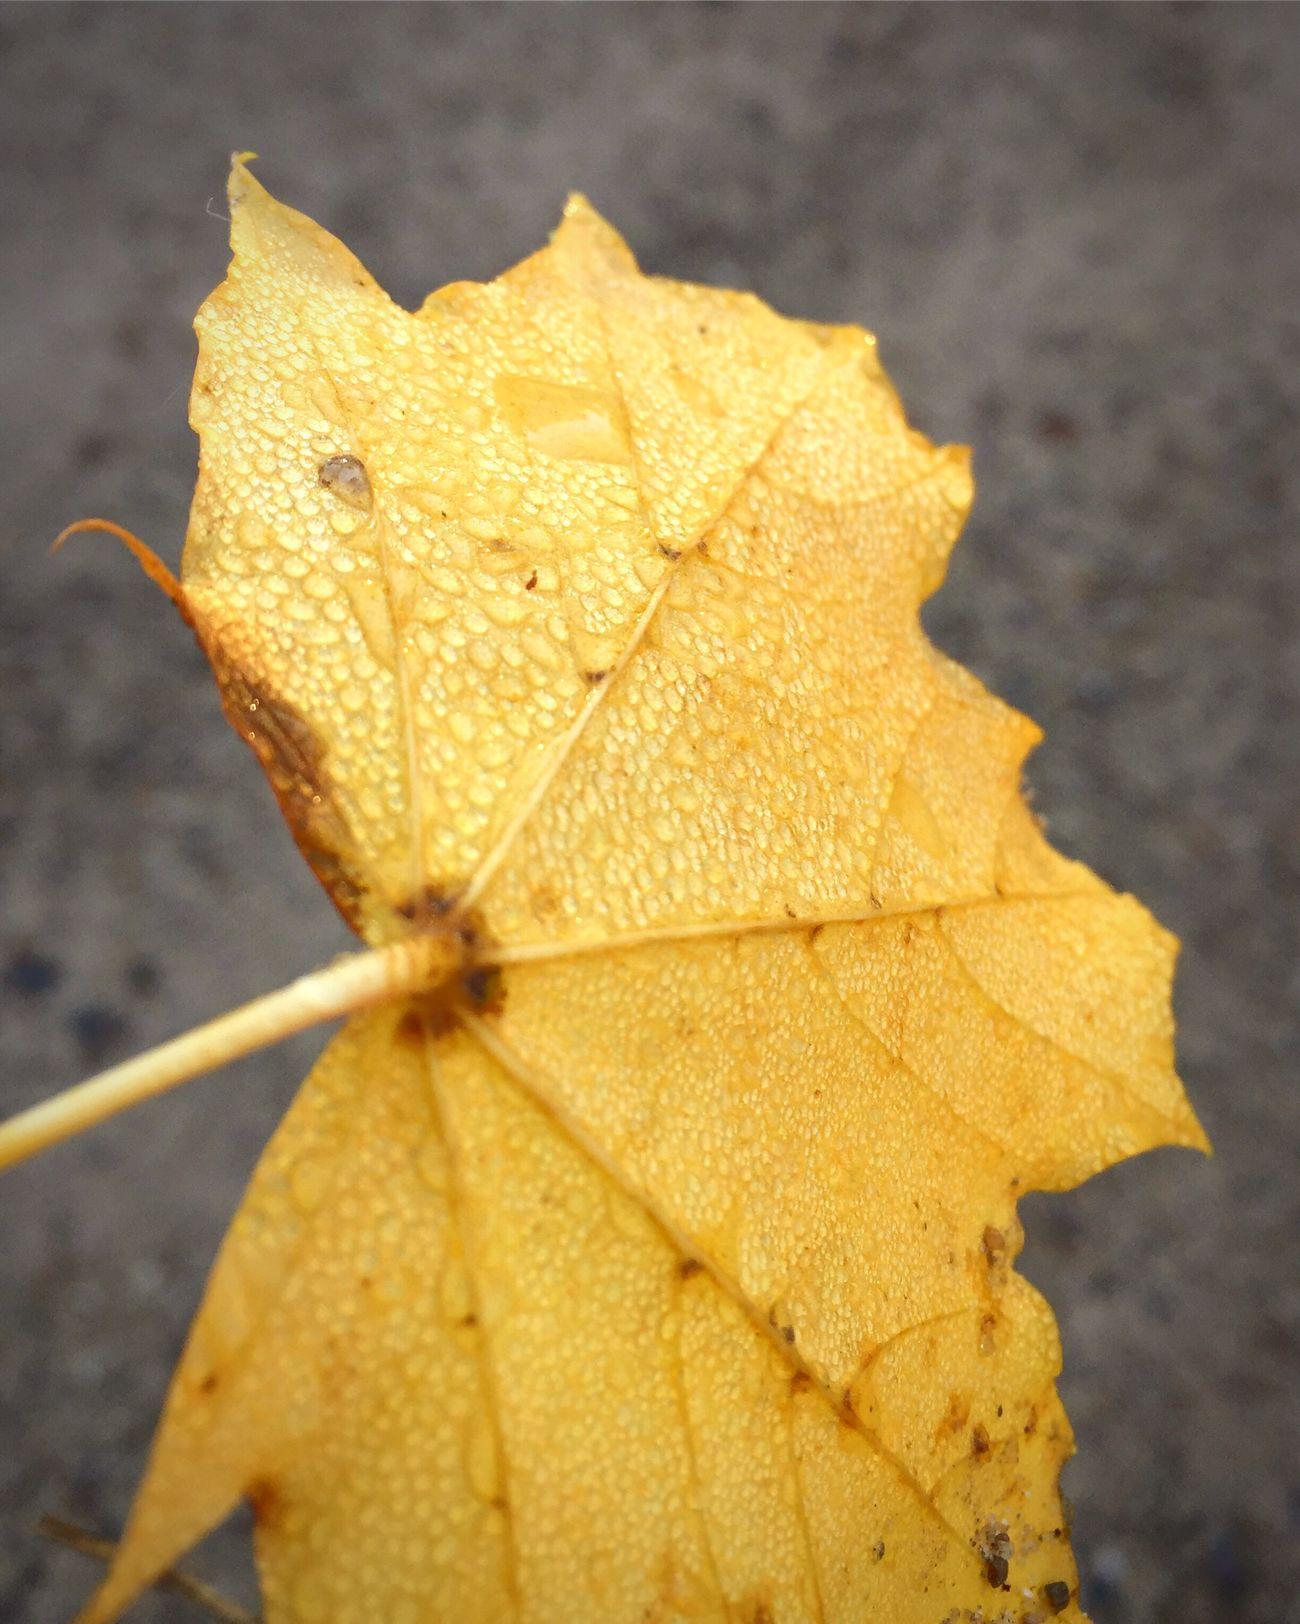 Fall Leaf Water Drops First Eyeem Photo